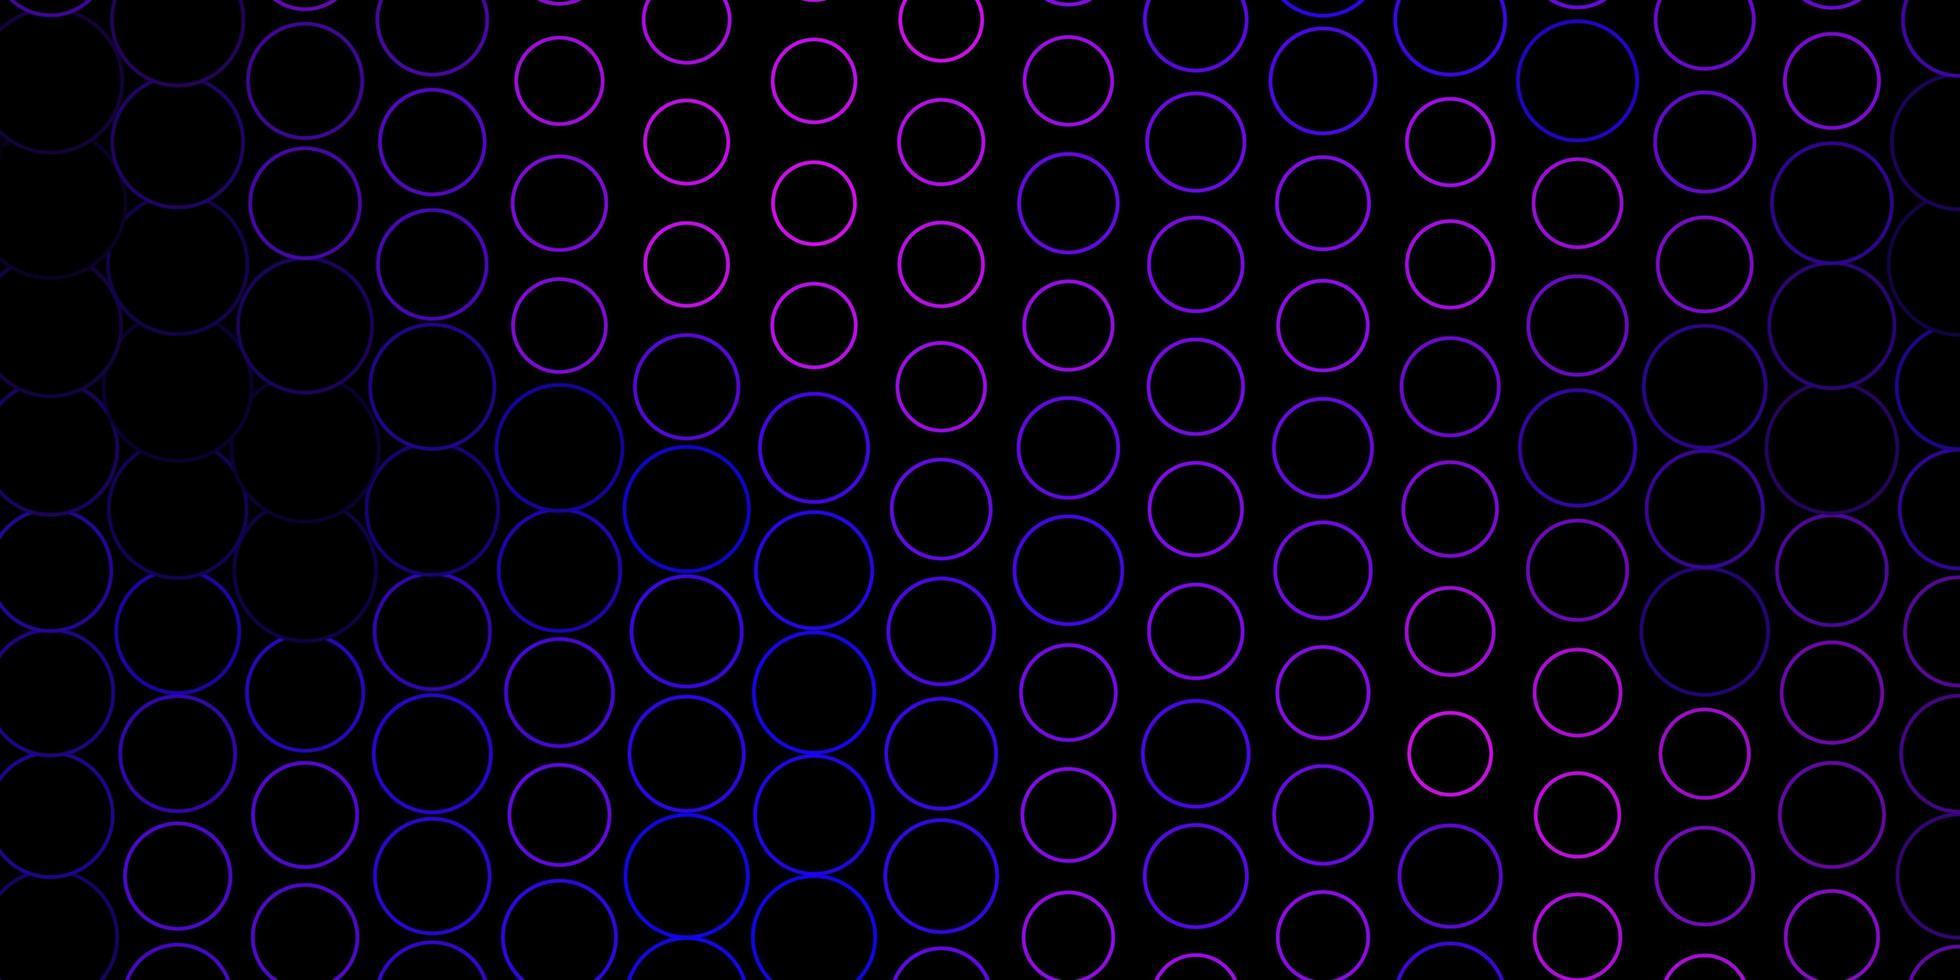 toile de fond de vecteur violet foncé, rose avec des points.